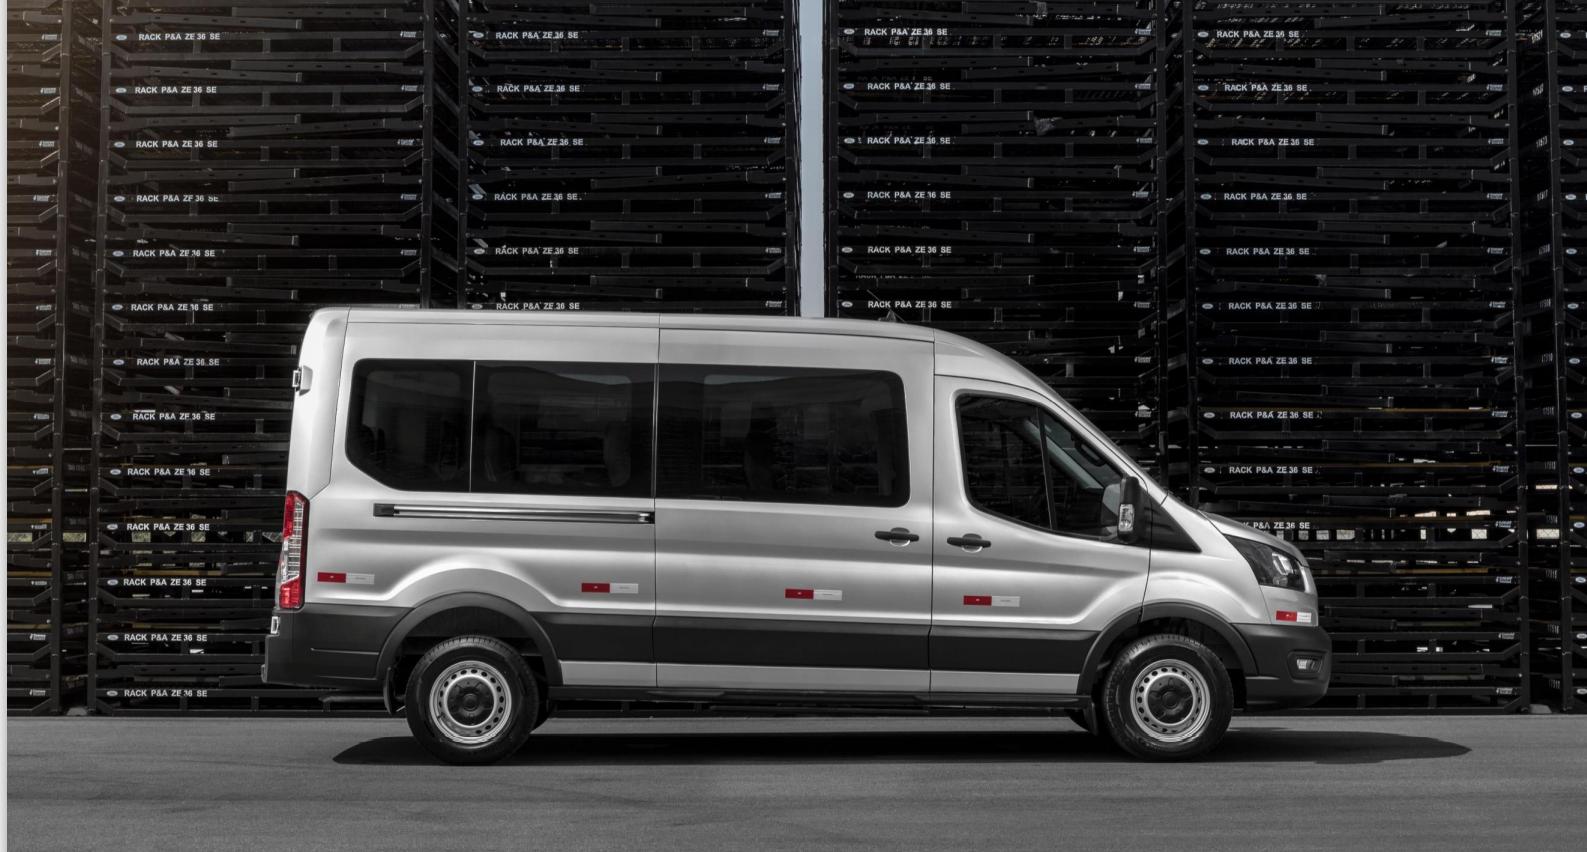 ford transit lateral prata modelo curto de passageiros